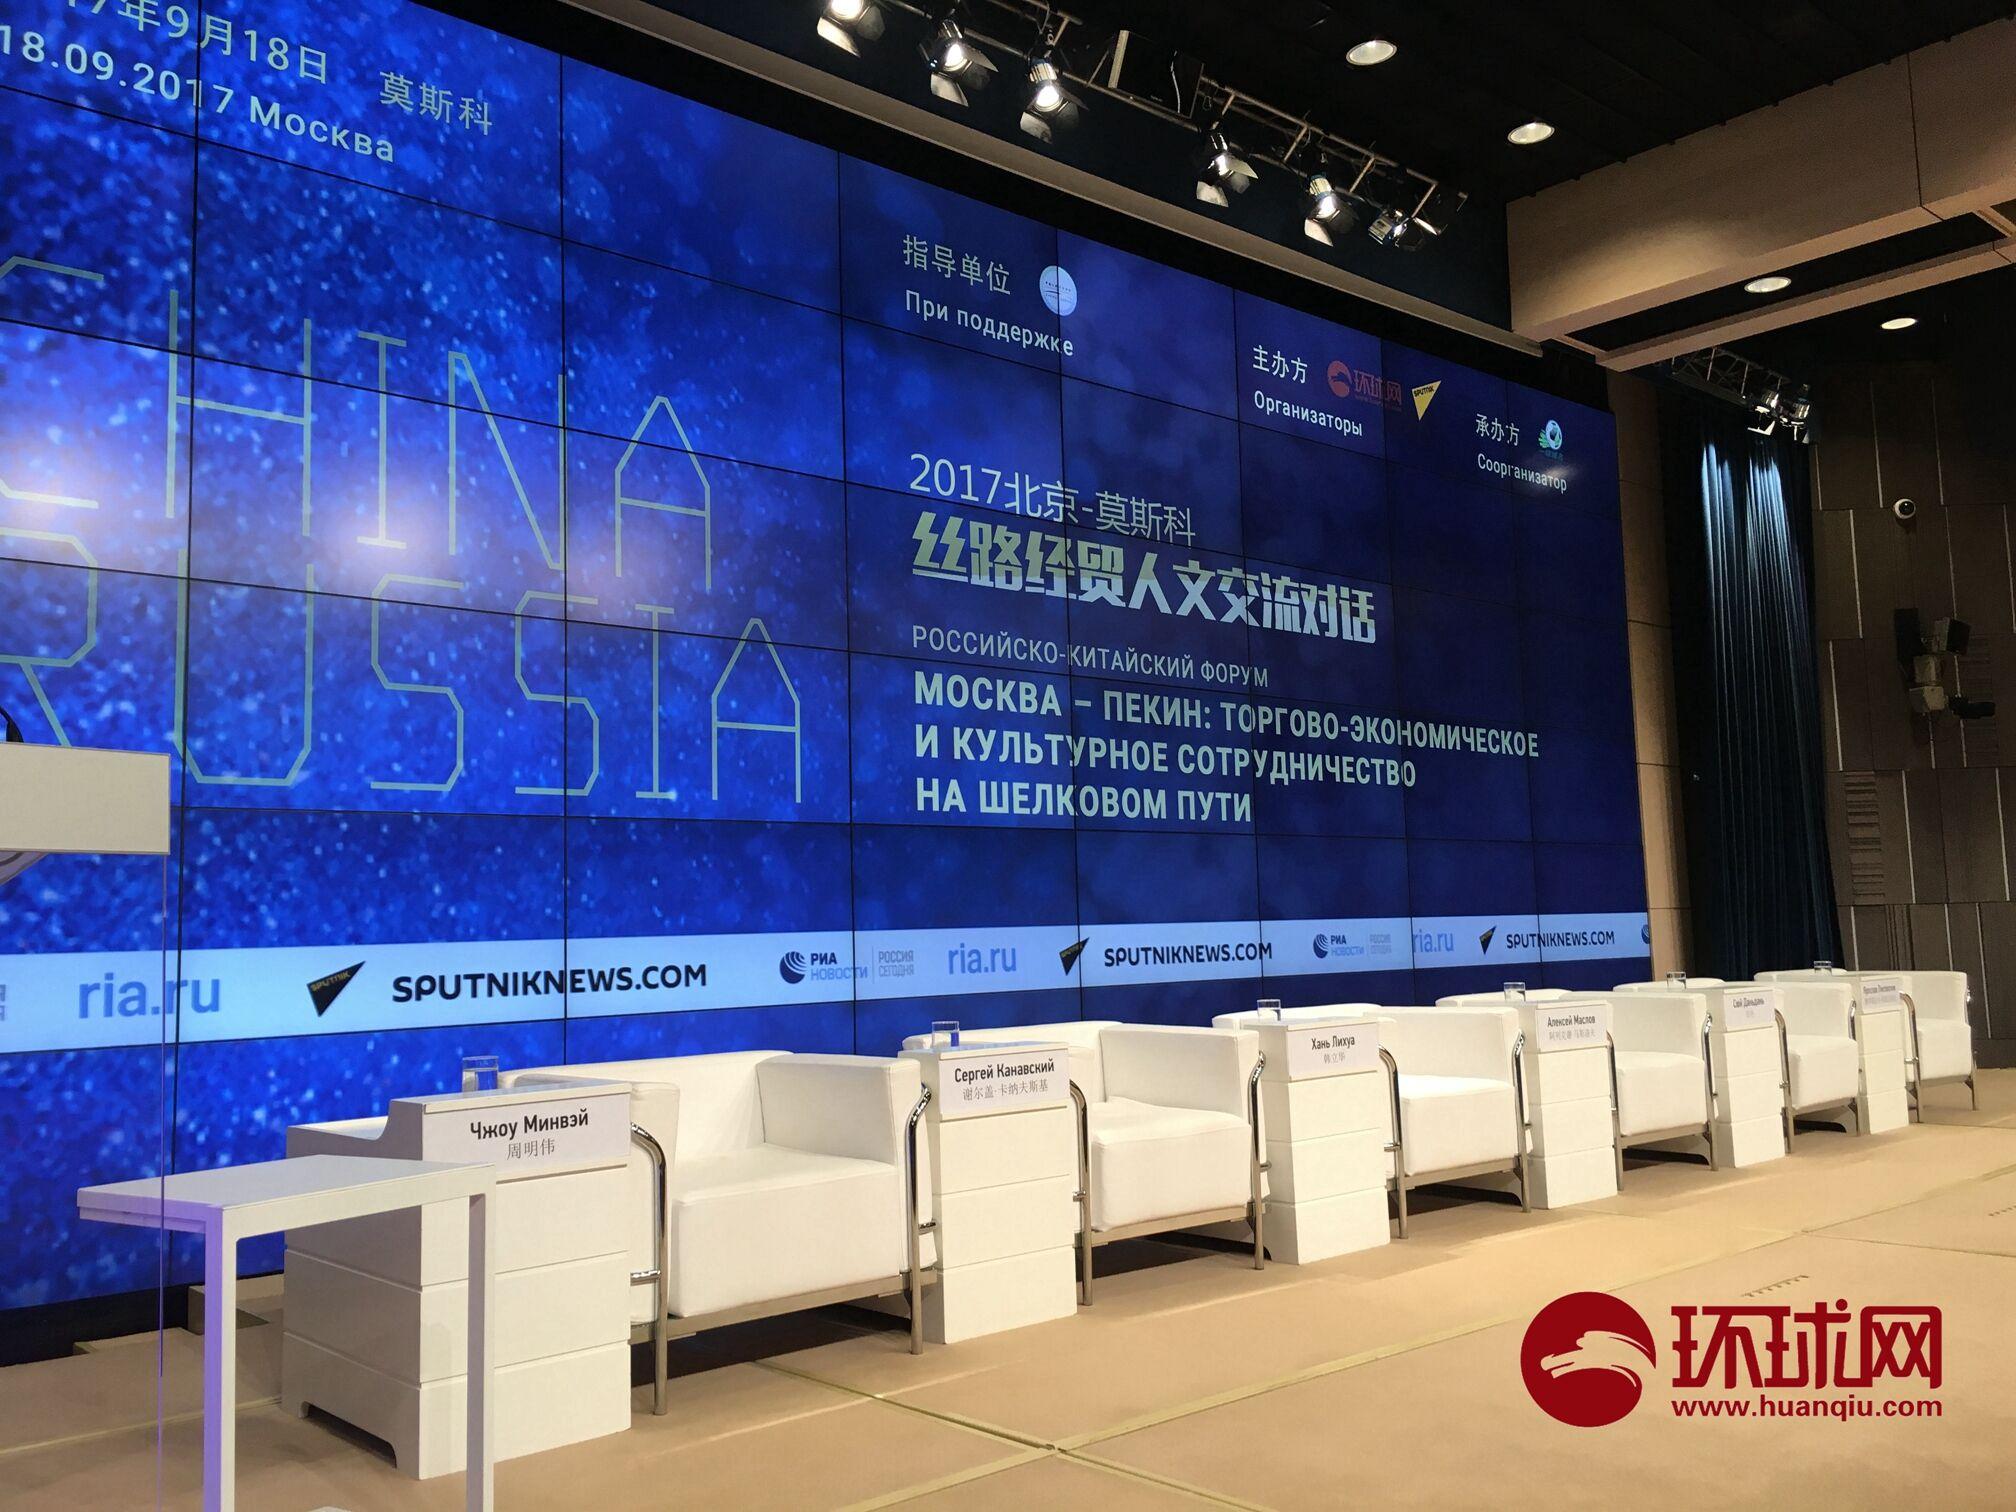 """""""2017北京-莫斯科丝路经贸人文交流对话""""9月18日在莫斯科举行"""